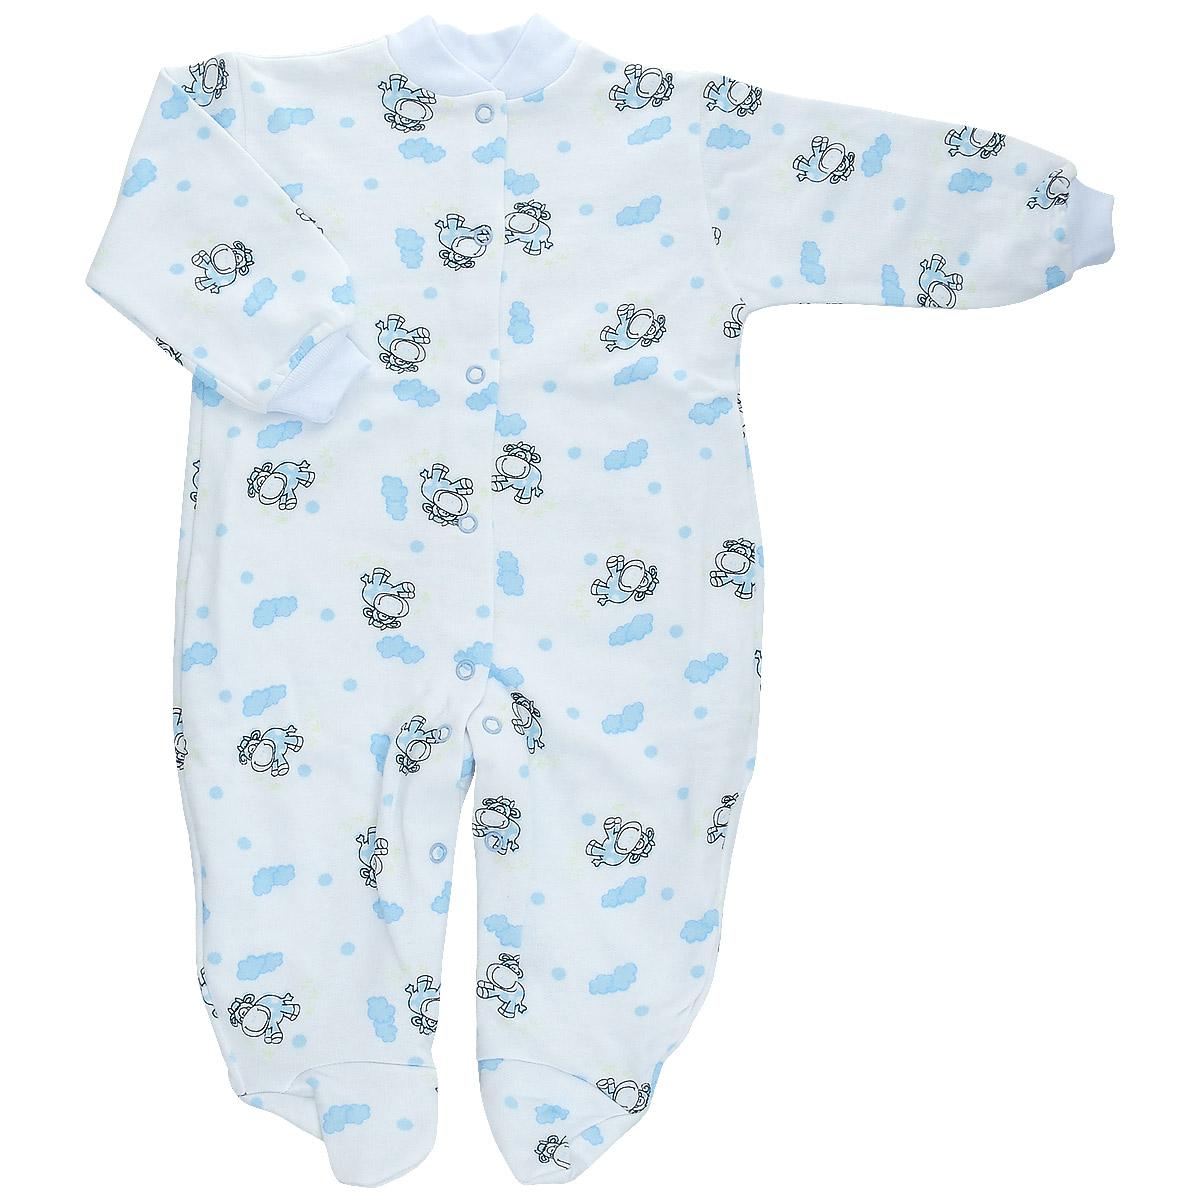 Комбинезон детский Трон-Плюс, цвет: белый, голубой, рисунок коровы. 5821. Размер 74, 9 месяцев5821Детский комбинезон Трон-Плюс - очень удобный и практичный вид одежды для малышей. Теплый комбинезон выполнен из футерованного полотна - натурального хлопка, благодаря чему он необычайно мягкий и приятный на ощупь, не раздражает нежную кожу ребенка, и хорошо вентилируются, а эластичные швы приятны телу малыша и не препятствуют его движениям. Комбинезон с длинными рукавами и закрытыми ножками имеет застежки-кнопки от горловины до щиколоток, которые помогают легко переодеть младенца или сменить подгузник. Рукава понизу дополнены неширокими трикотажными манжетами, мягко облегающими запястья. Вырез горловины дополнен мягкой трикотажной резинкой. Оформлен комбинезон оригинальным принтом. С детским комбинезоном спинка и ножки вашего малыша всегда будут в тепле, он идеален для использования днем и незаменим ночью. Комбинезон полностью соответствует особенностям жизни младенца в ранний период, не стесняя и не ограничивая его в движениях!